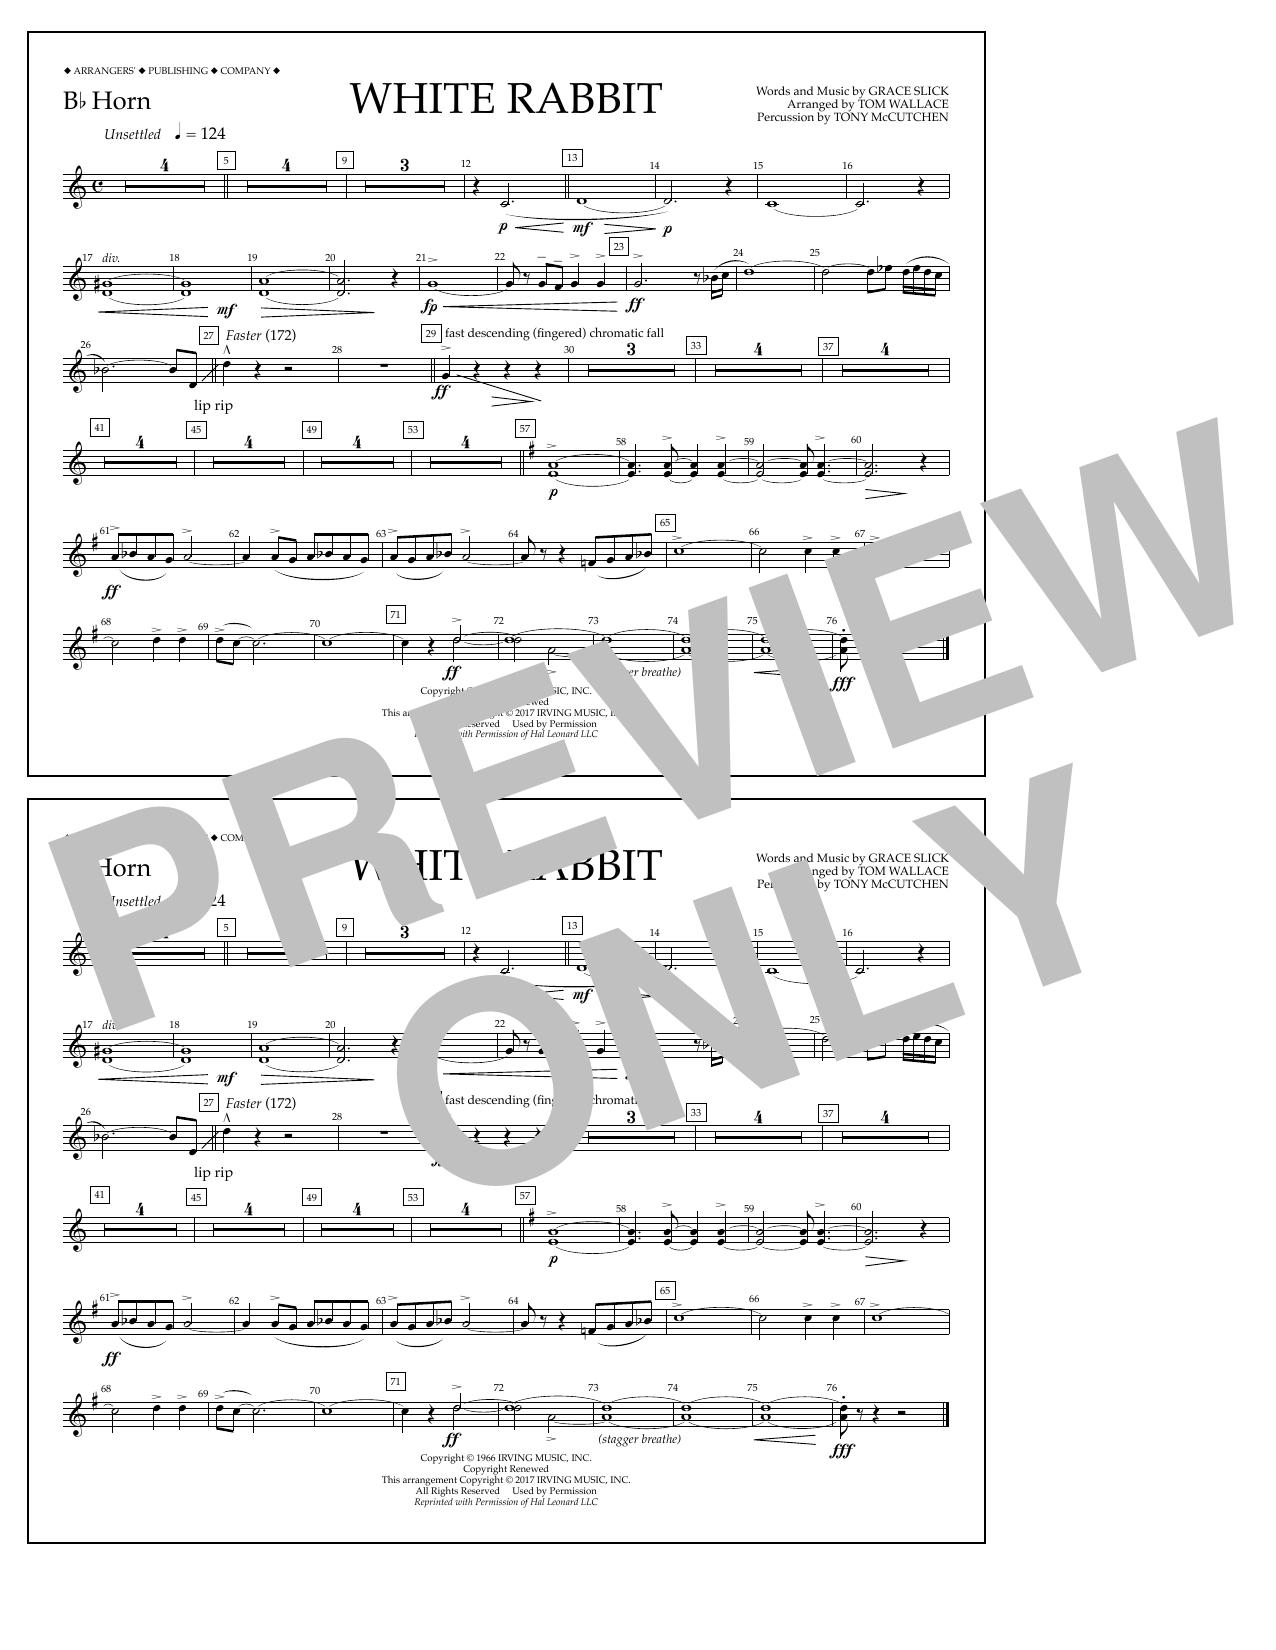 White Rabbit - Bb Horn Sheet Music